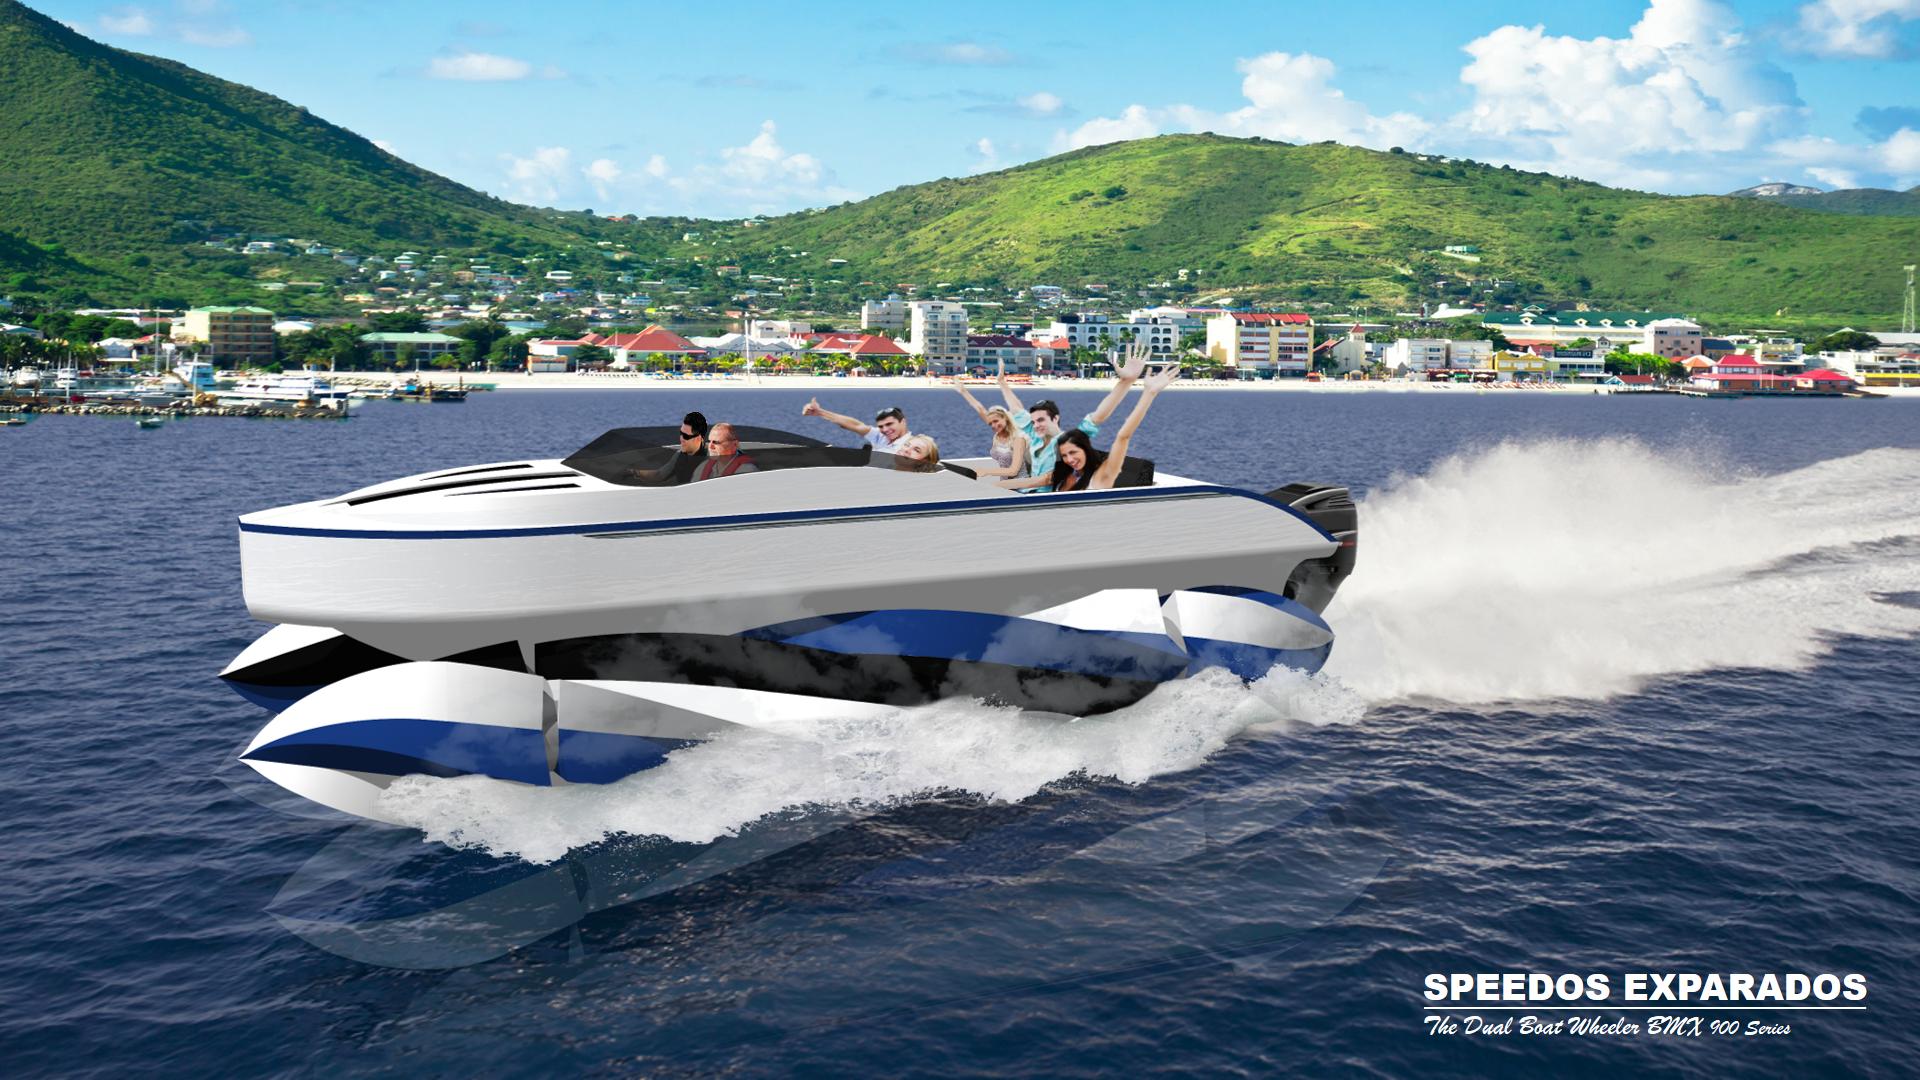 Speedos Exparados - The Dual Boat Wheeler BMX 900 Series